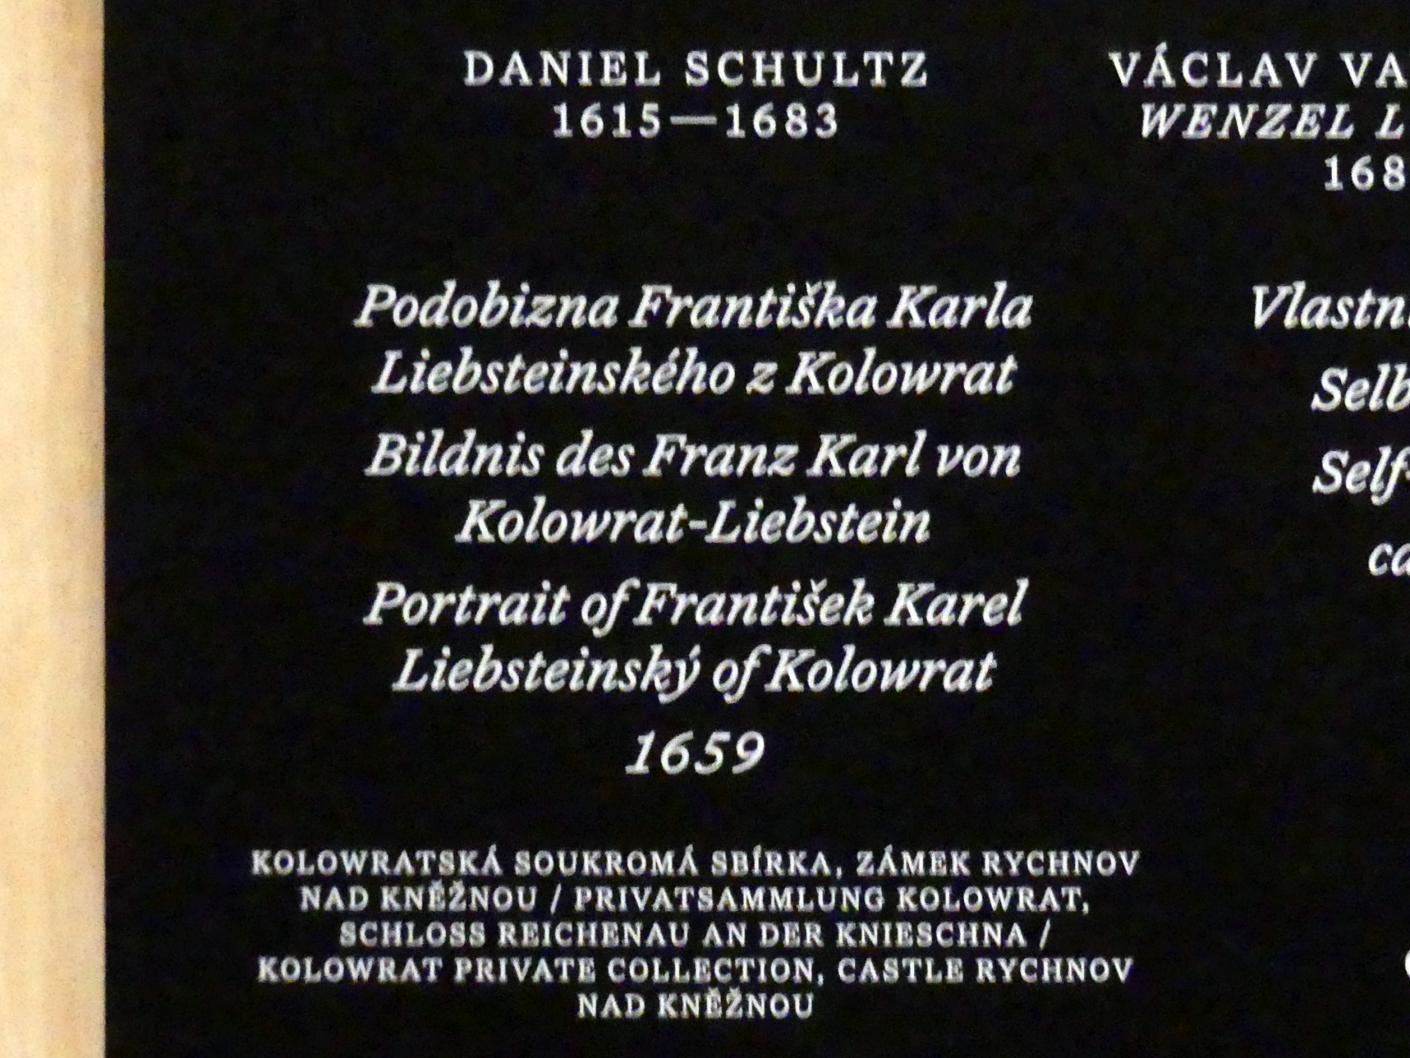 Daniel Schultz: Bildnis des Franz Karl von Kolowrat-Liebstein, 1659, Bild 2/2